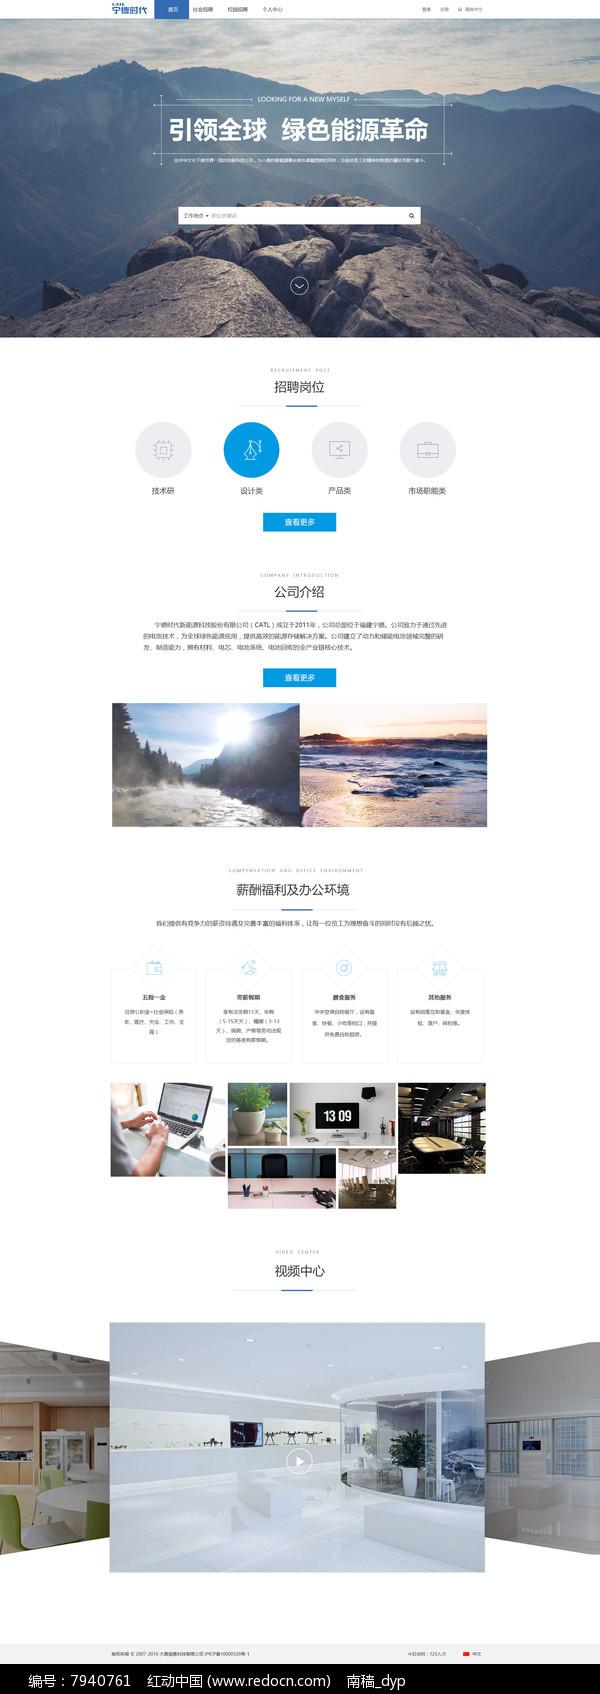 企业网站模板下载图片